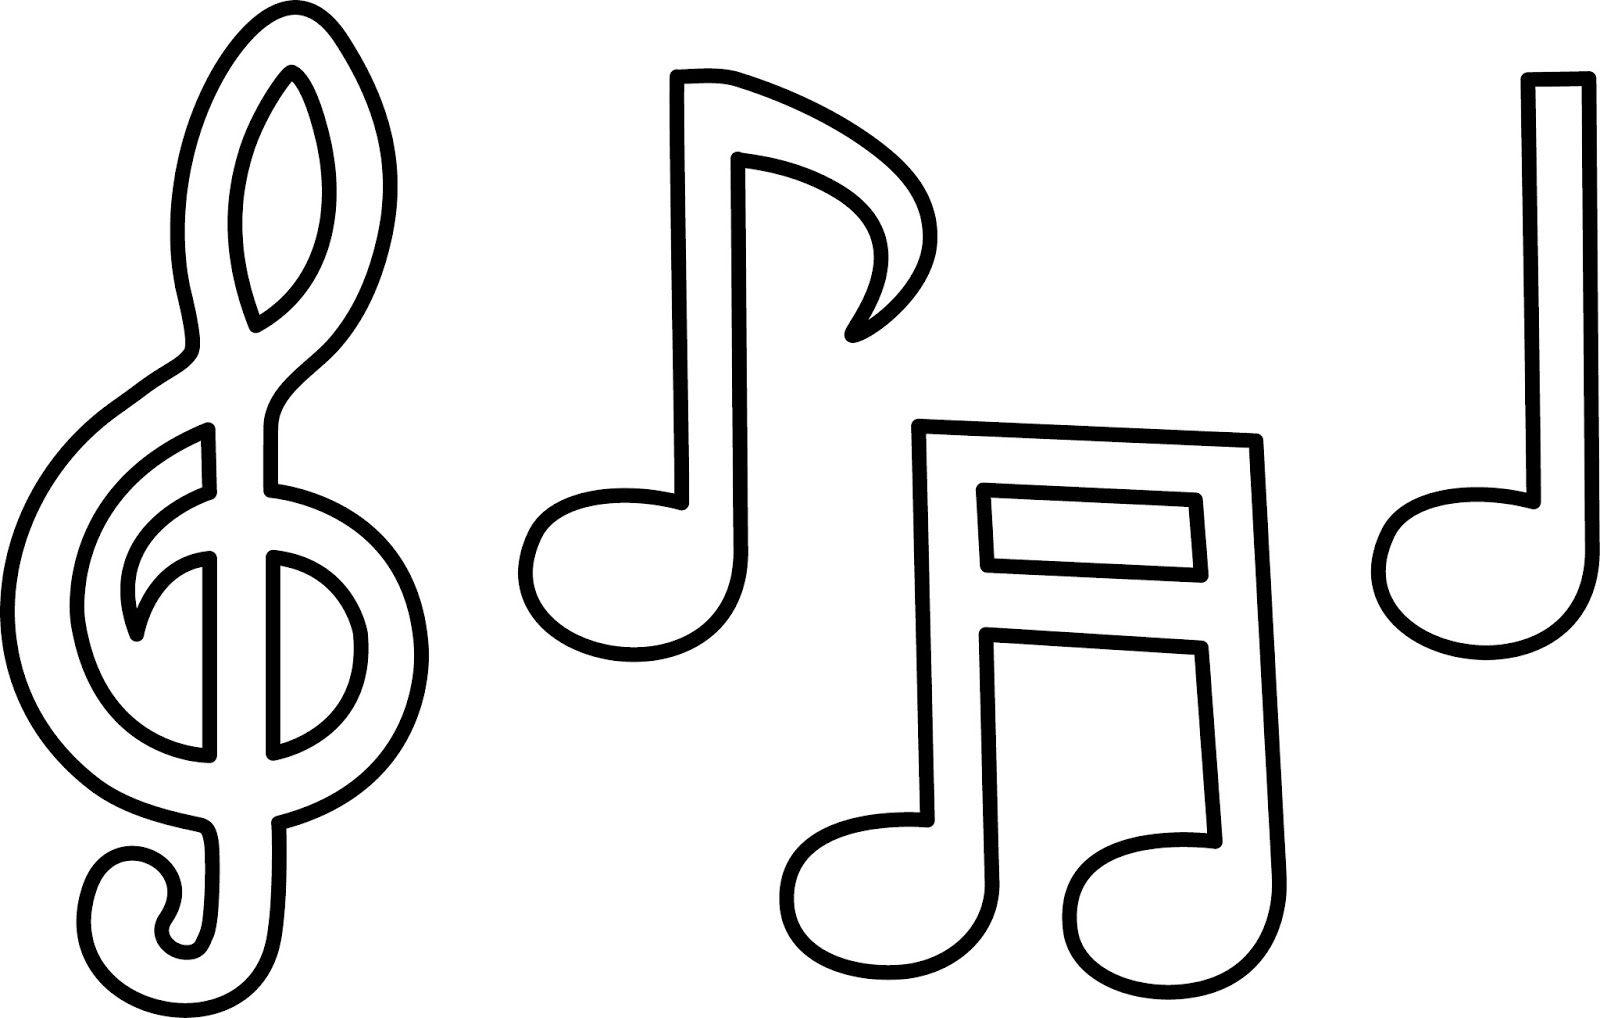 Ideas y material gratis para fiestas y celebraciones Oh My Fiesta!:  Violett…   Notas musicales dibujos, Notas musicales para imprimir, Notas  musicales para colorear